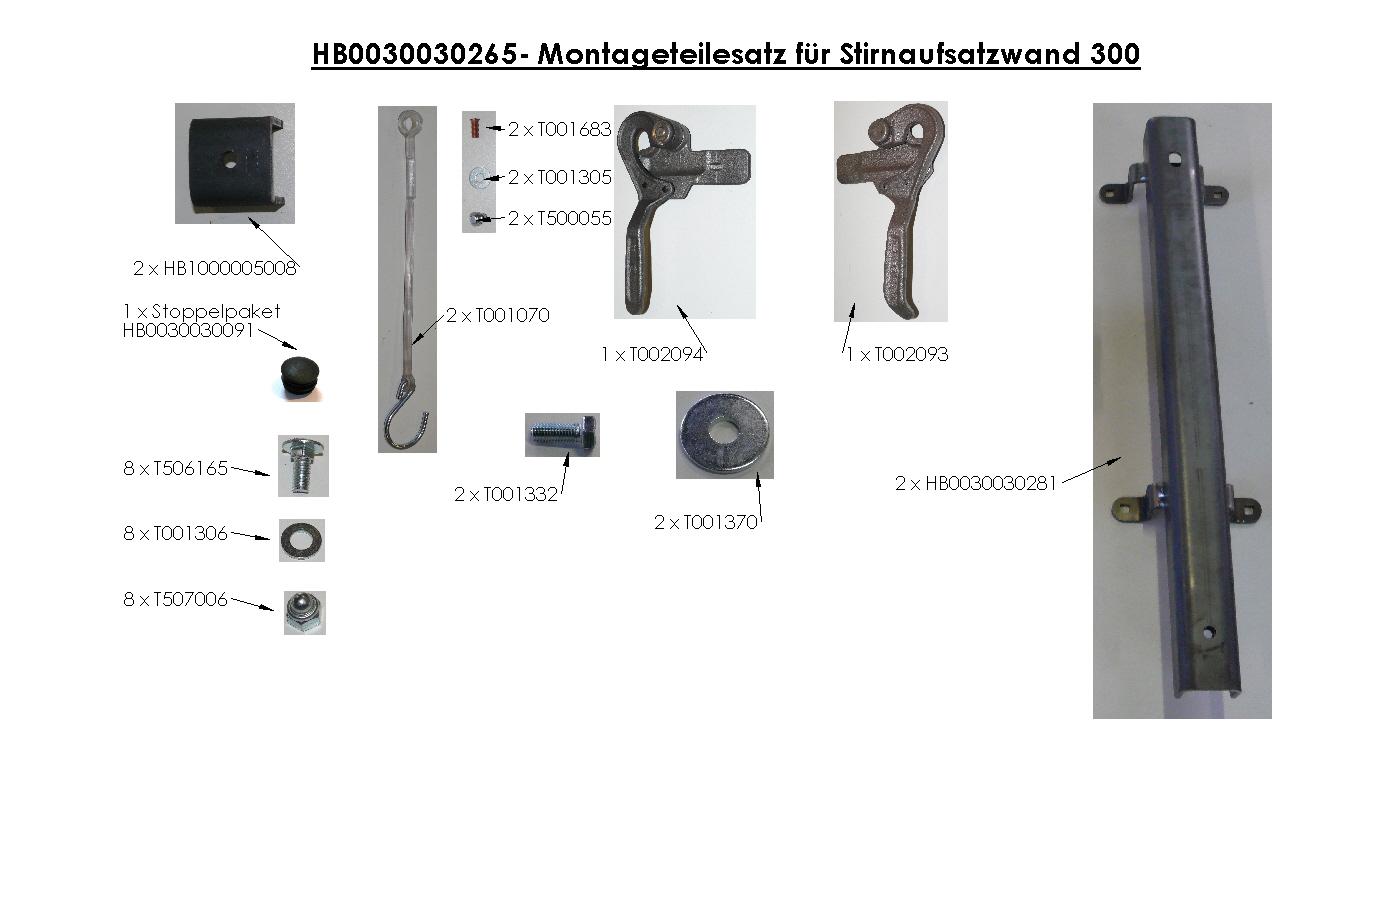 Brantner Kipper und Anhänger - AW-Zubehör für Stabilator mit hydr. RW Höhe 300